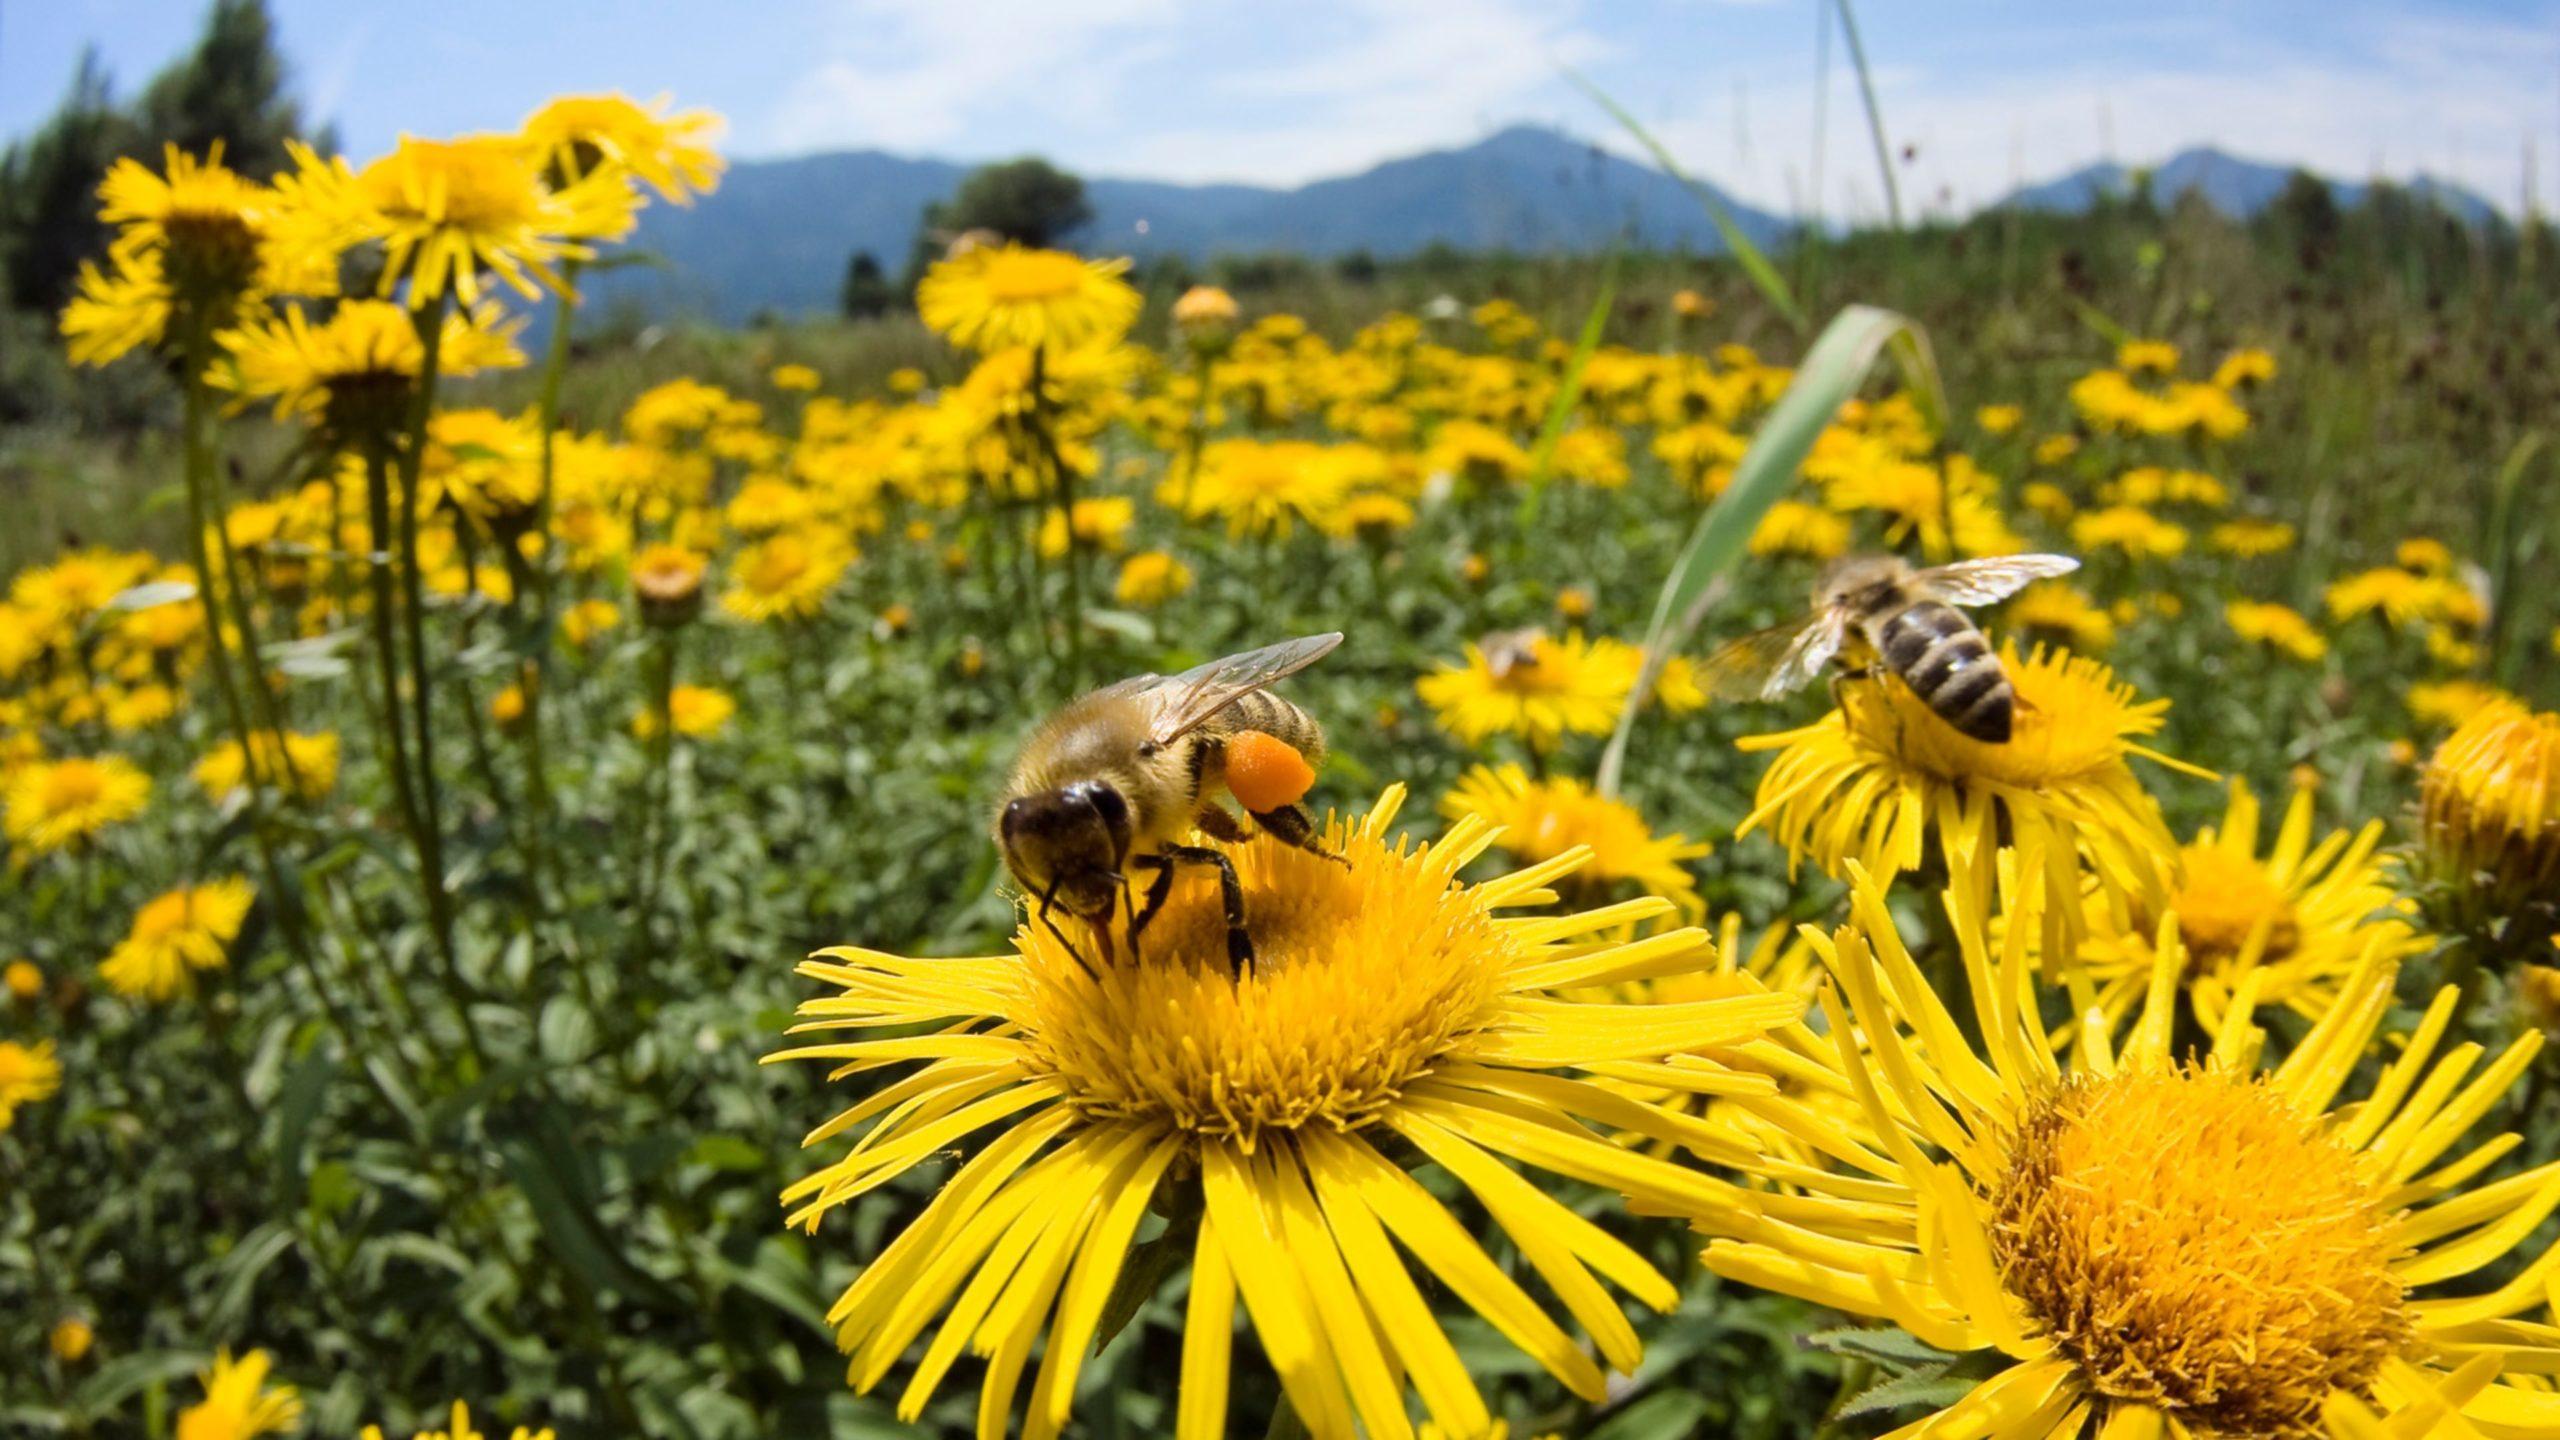 pics of honey bees